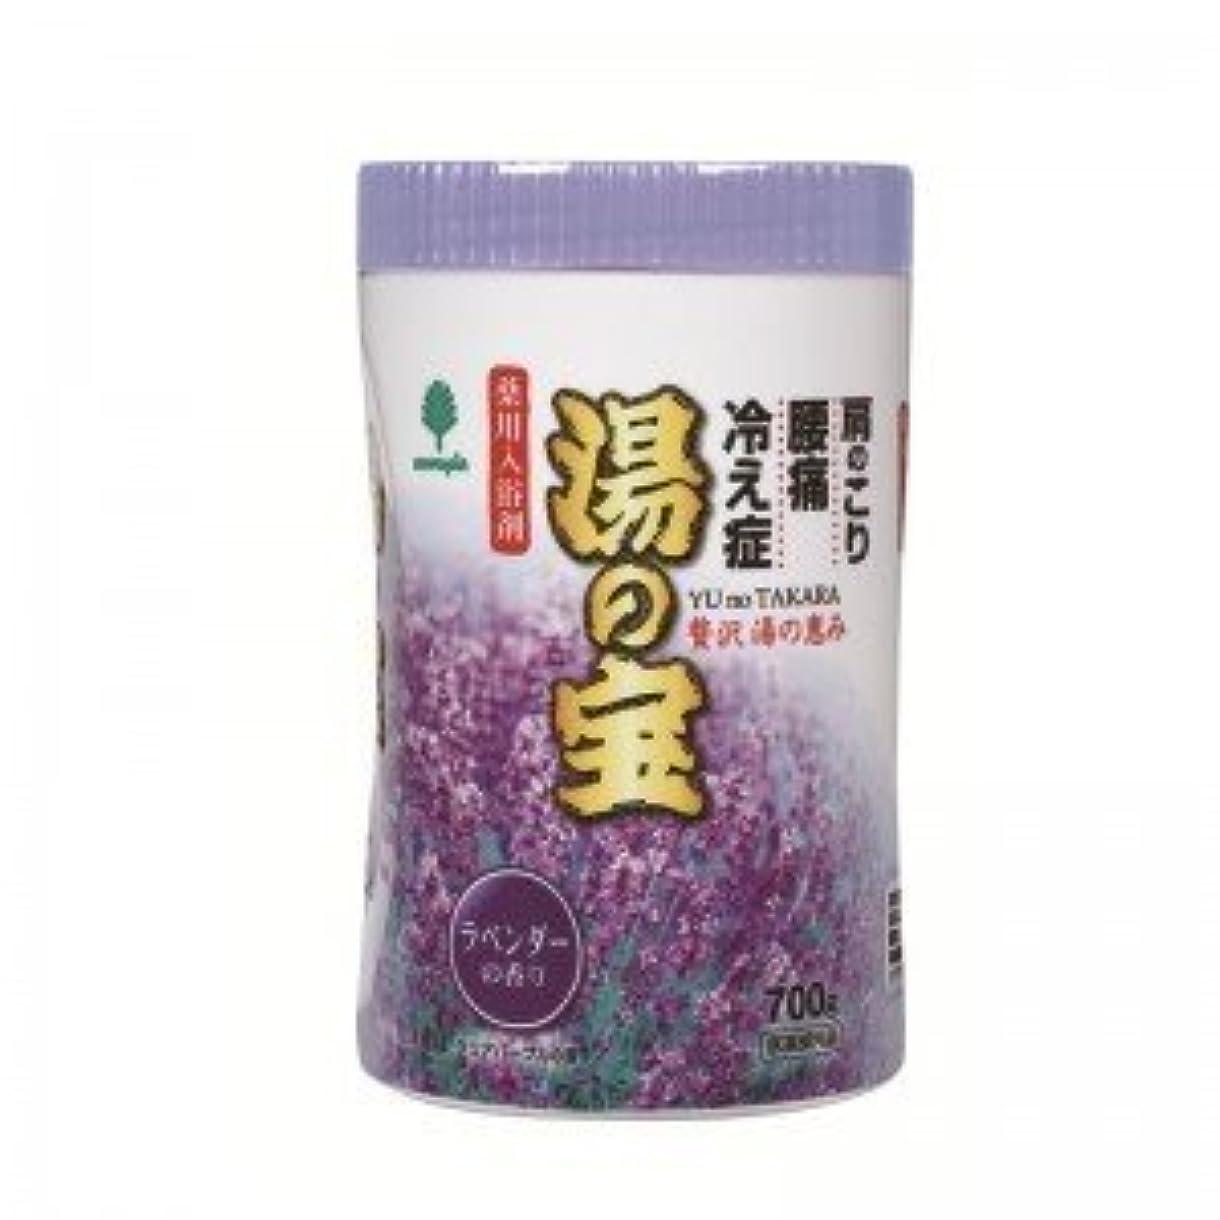 暗黙完全に乾く不屈紀陽除虫菊 湯の宝 ラベンダーの香り (丸ボトル) 700g【まとめ買い15個セット】 N-0068